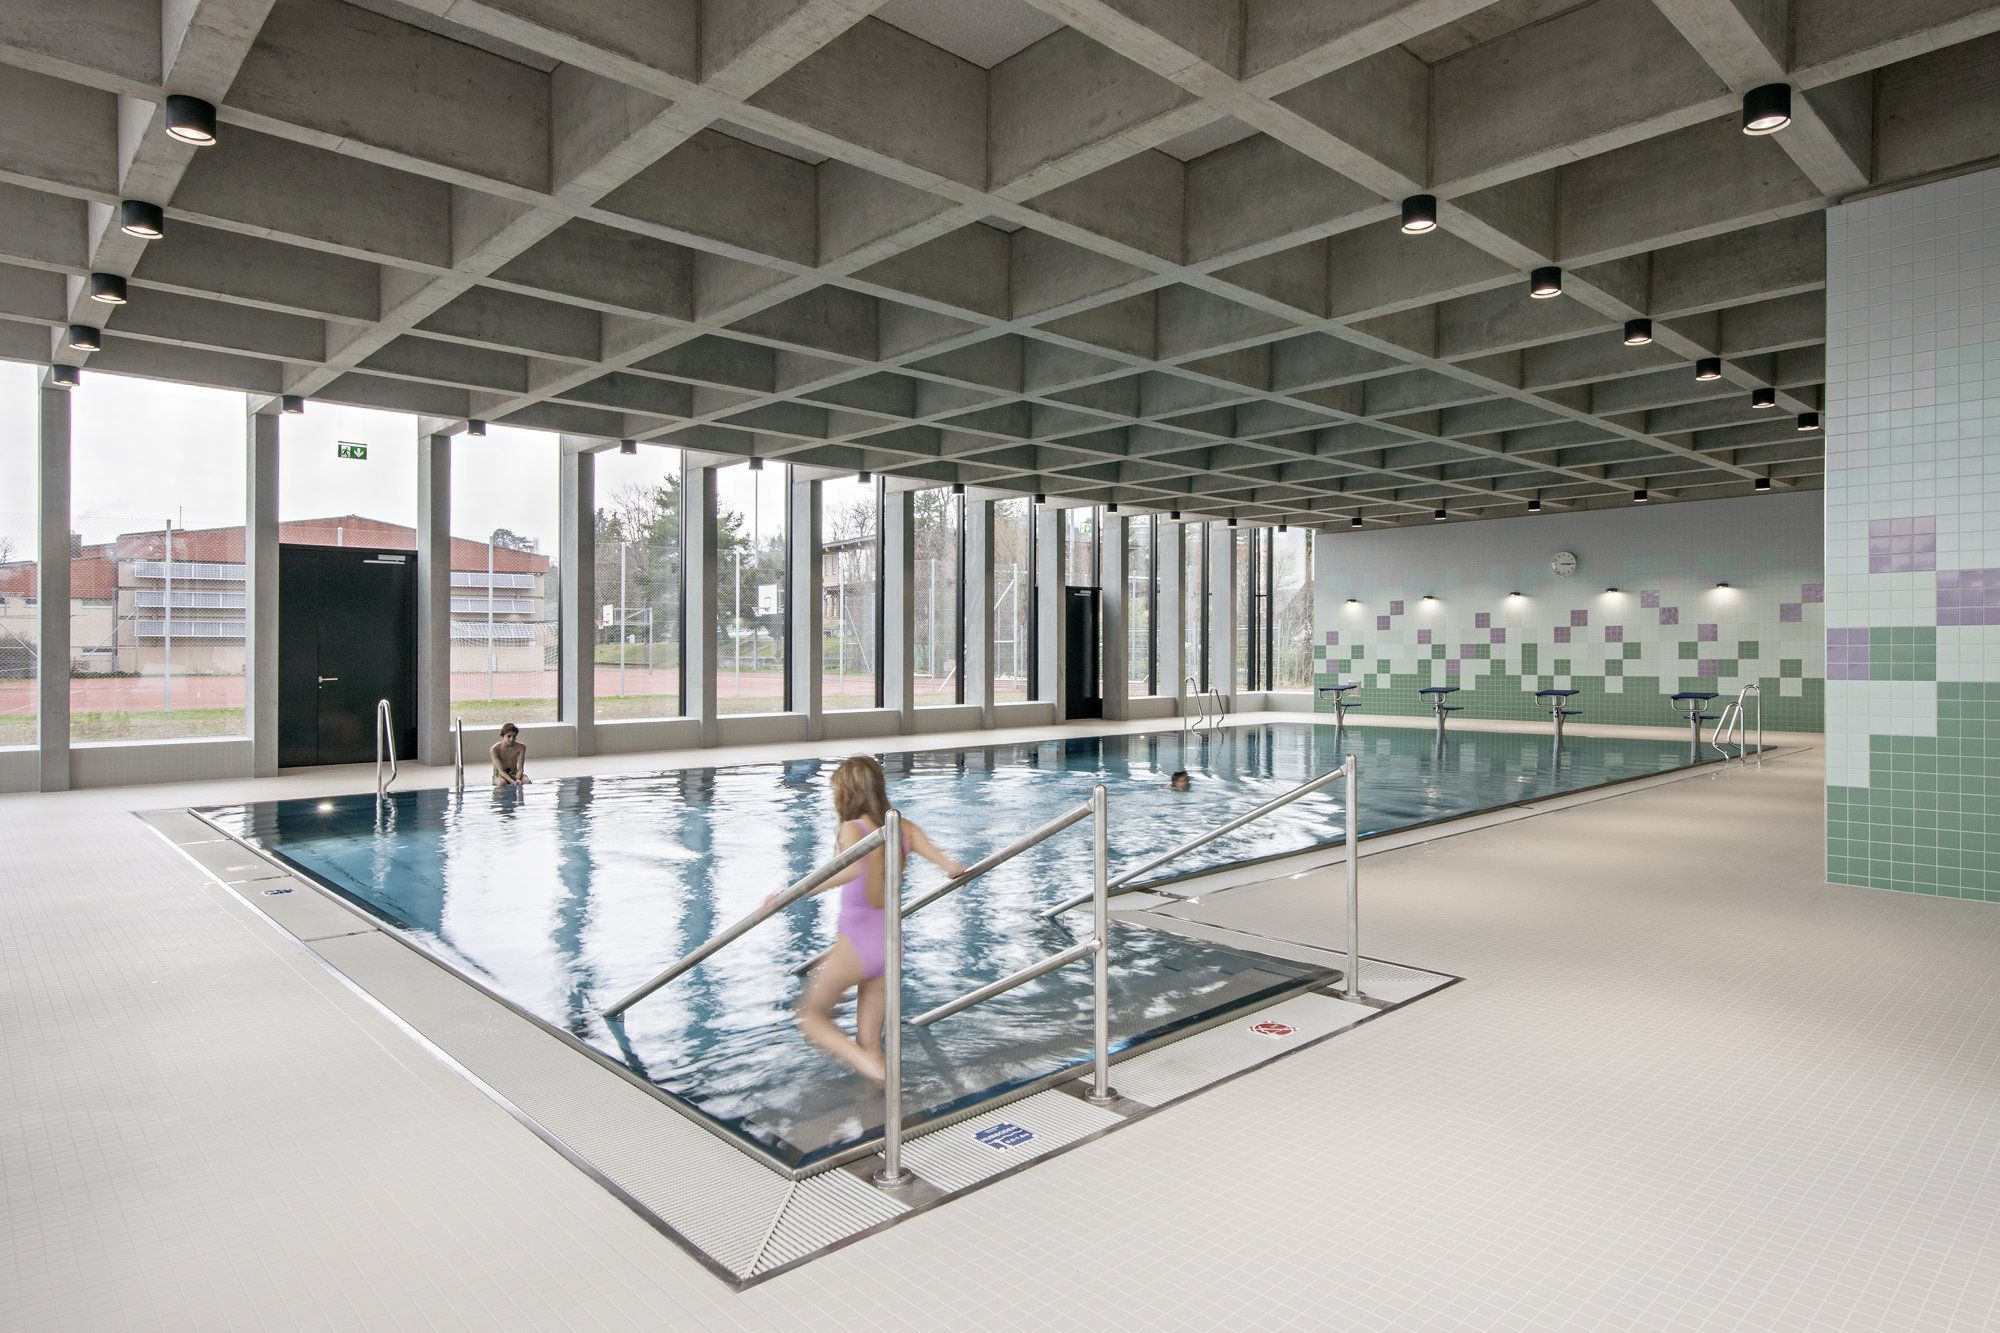 Baden im Berg - Schwimmbad in Erlenbach bei Zürich | Sport ...